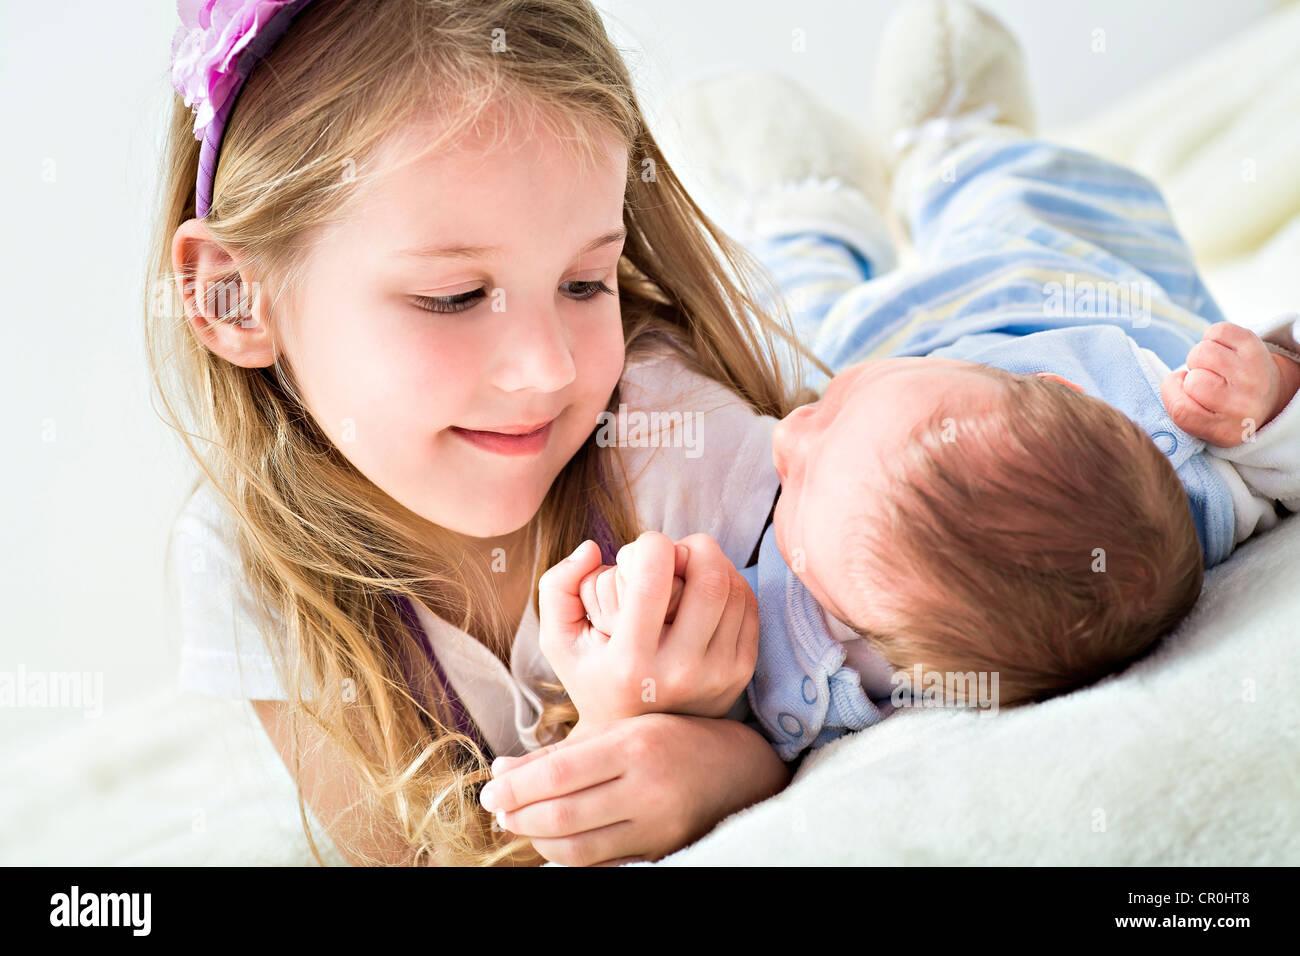 Ragazza e un bambino, 1 mese Immagini Stock